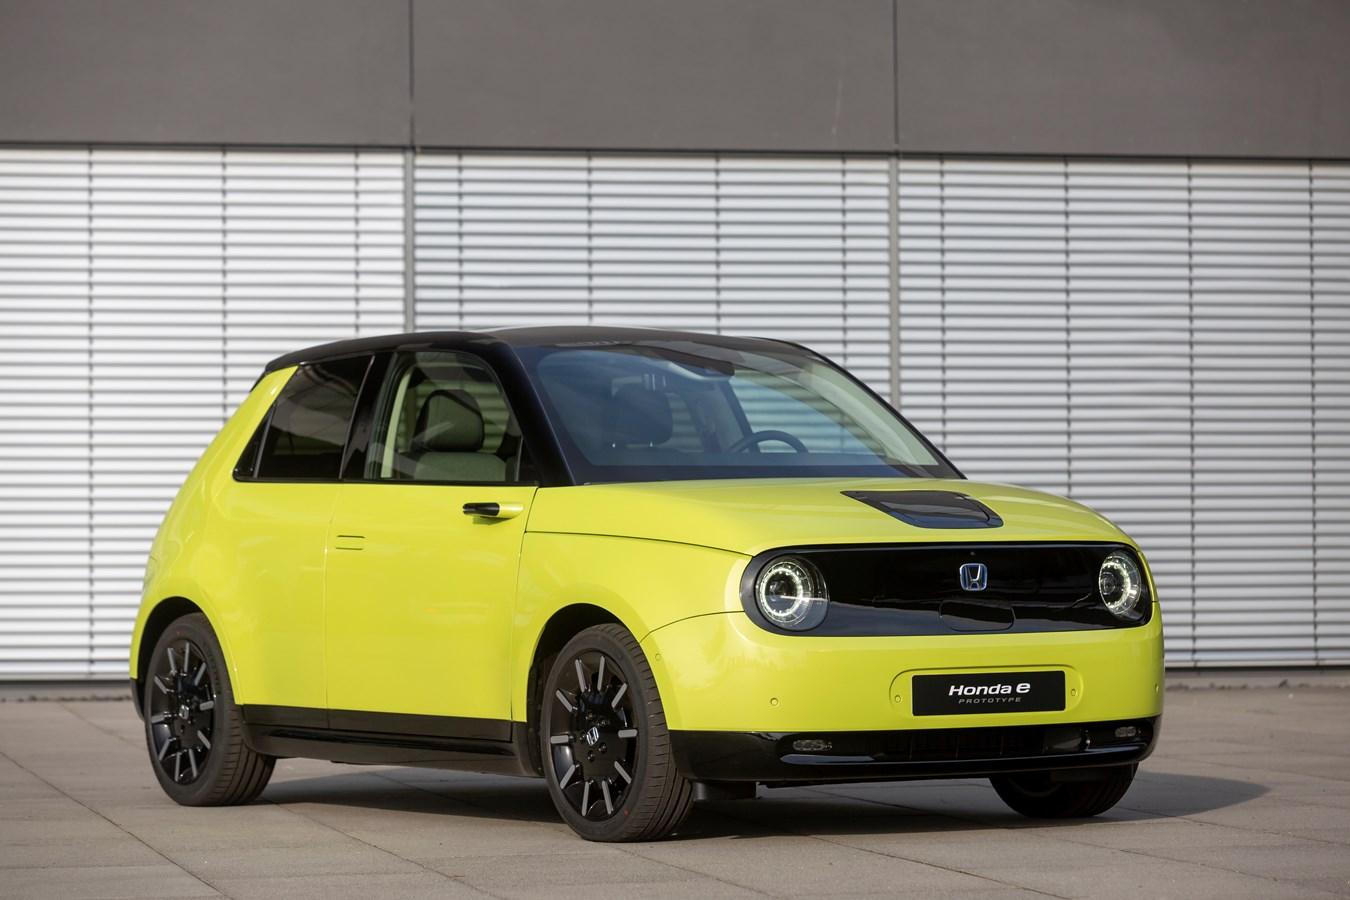 Honda e amarelo na estrada